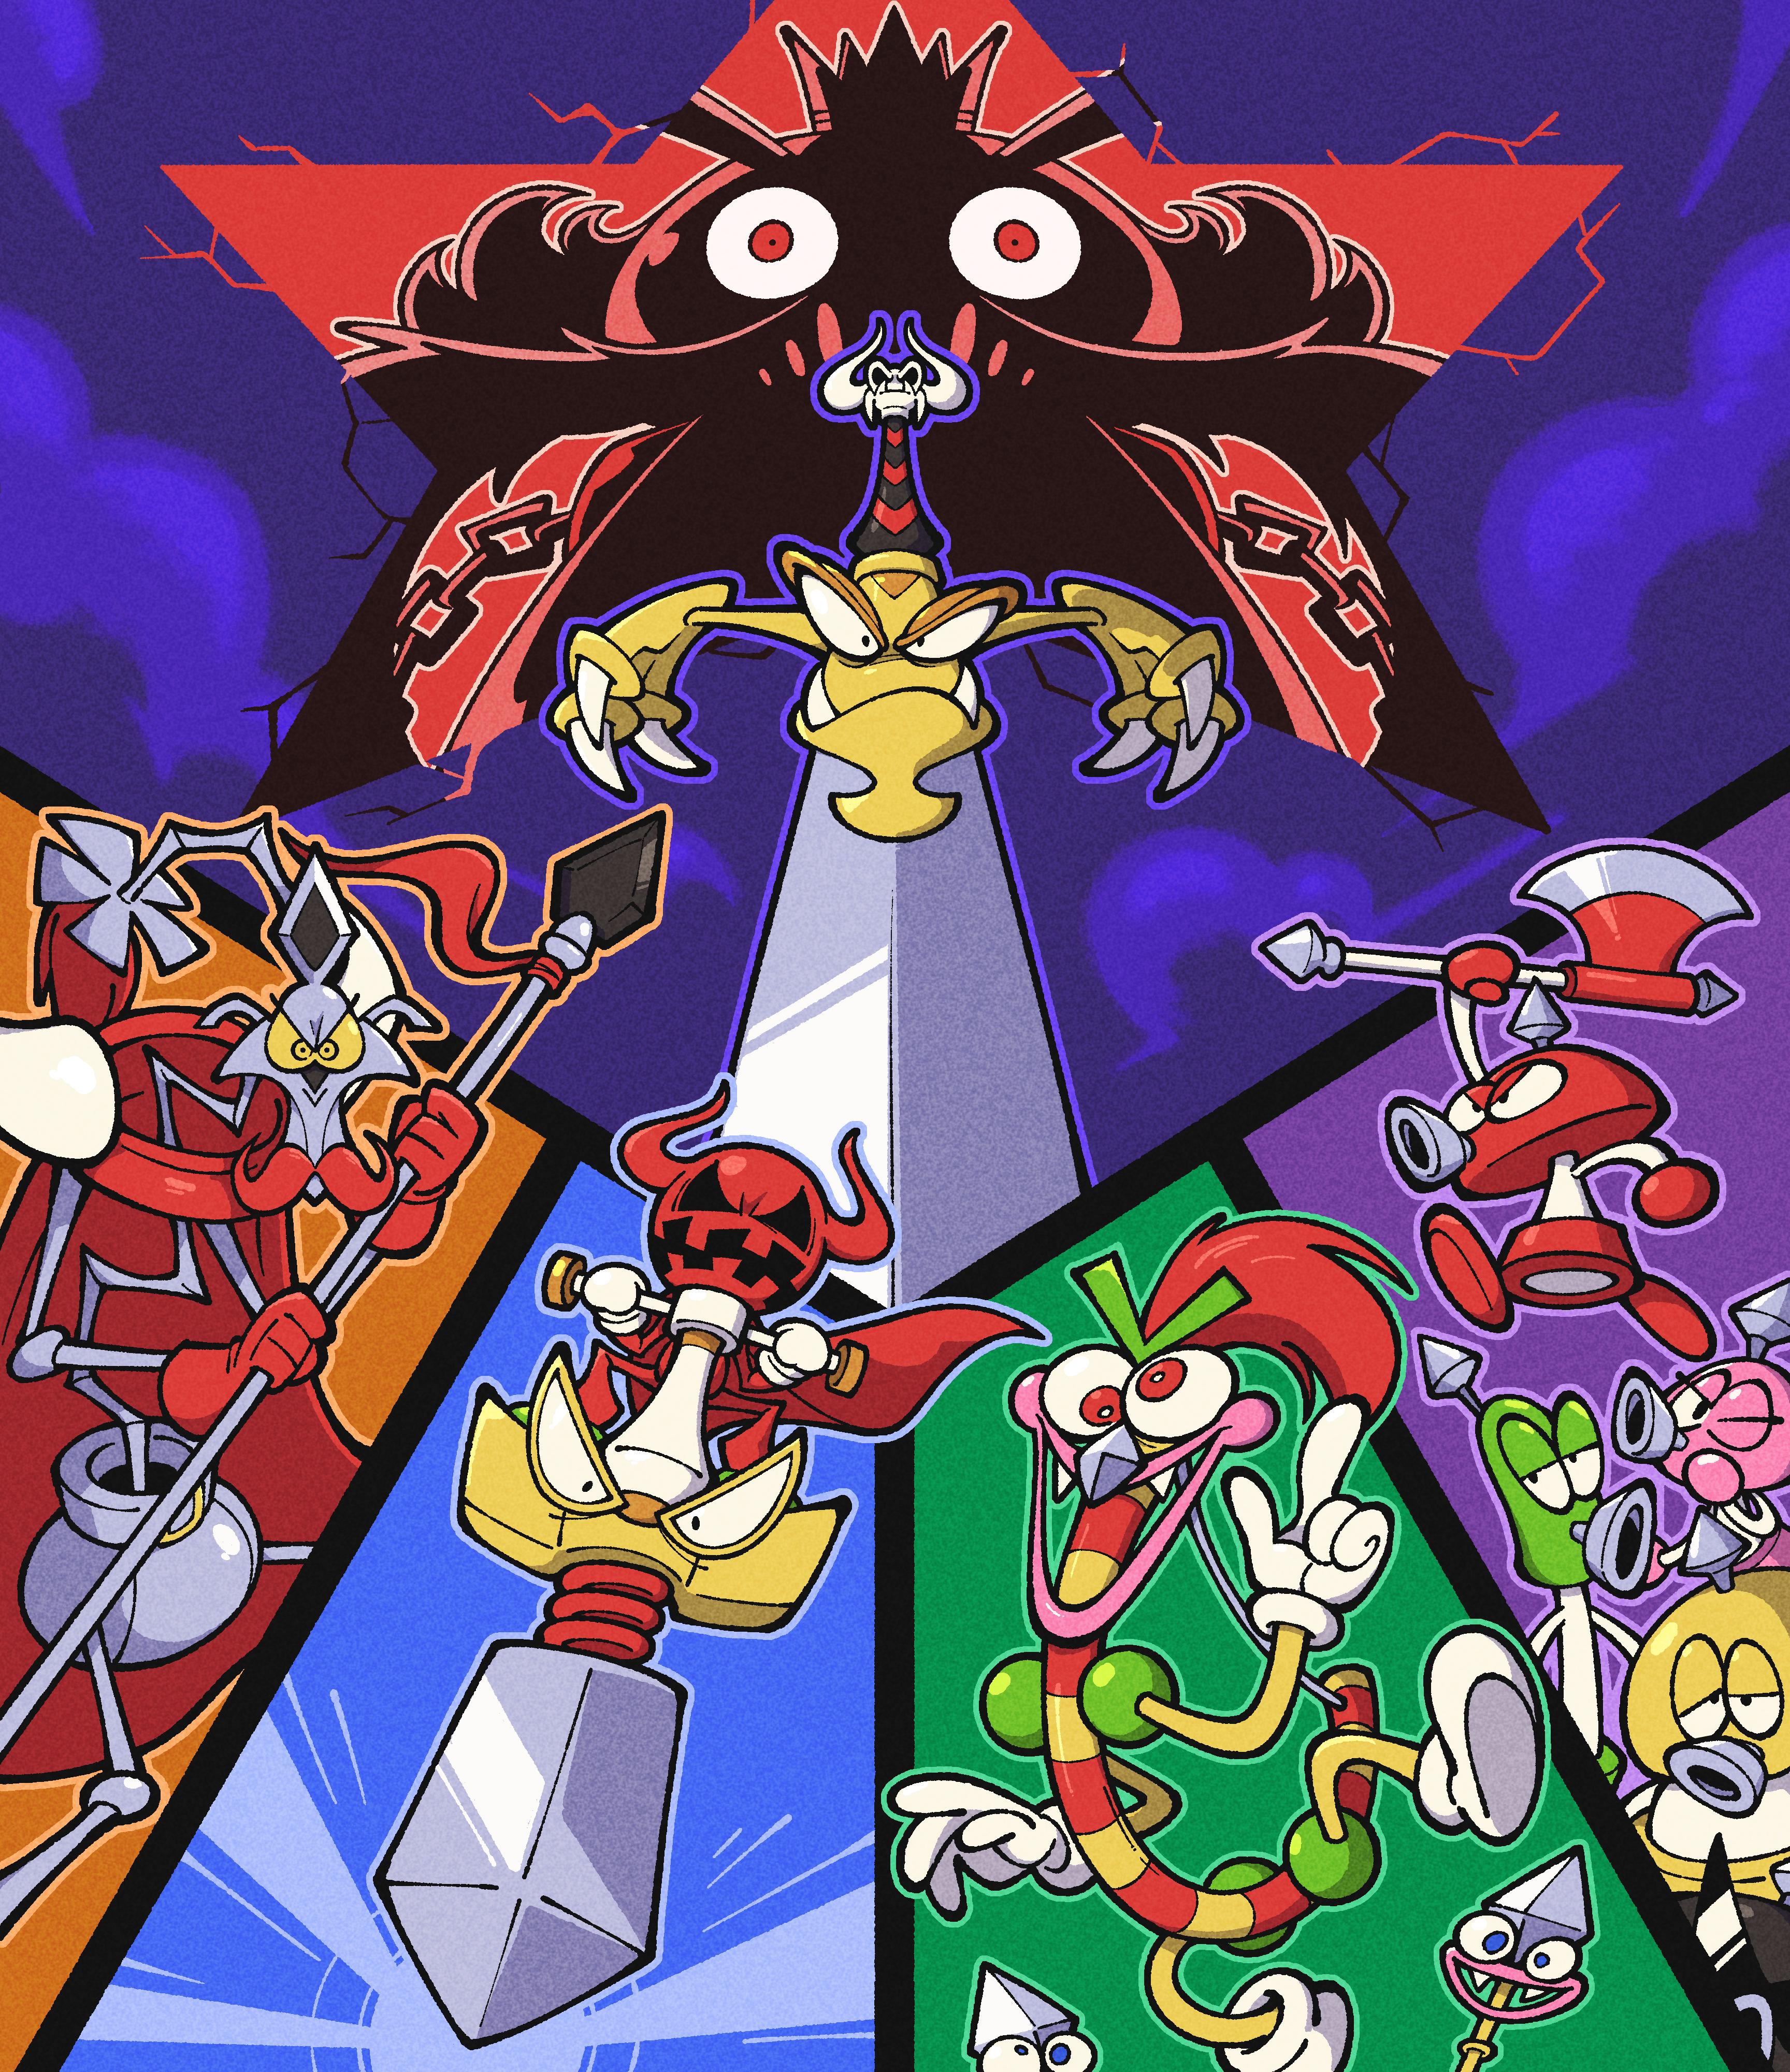 Super Mario RPG all bosses Super mario rpg, Super mario